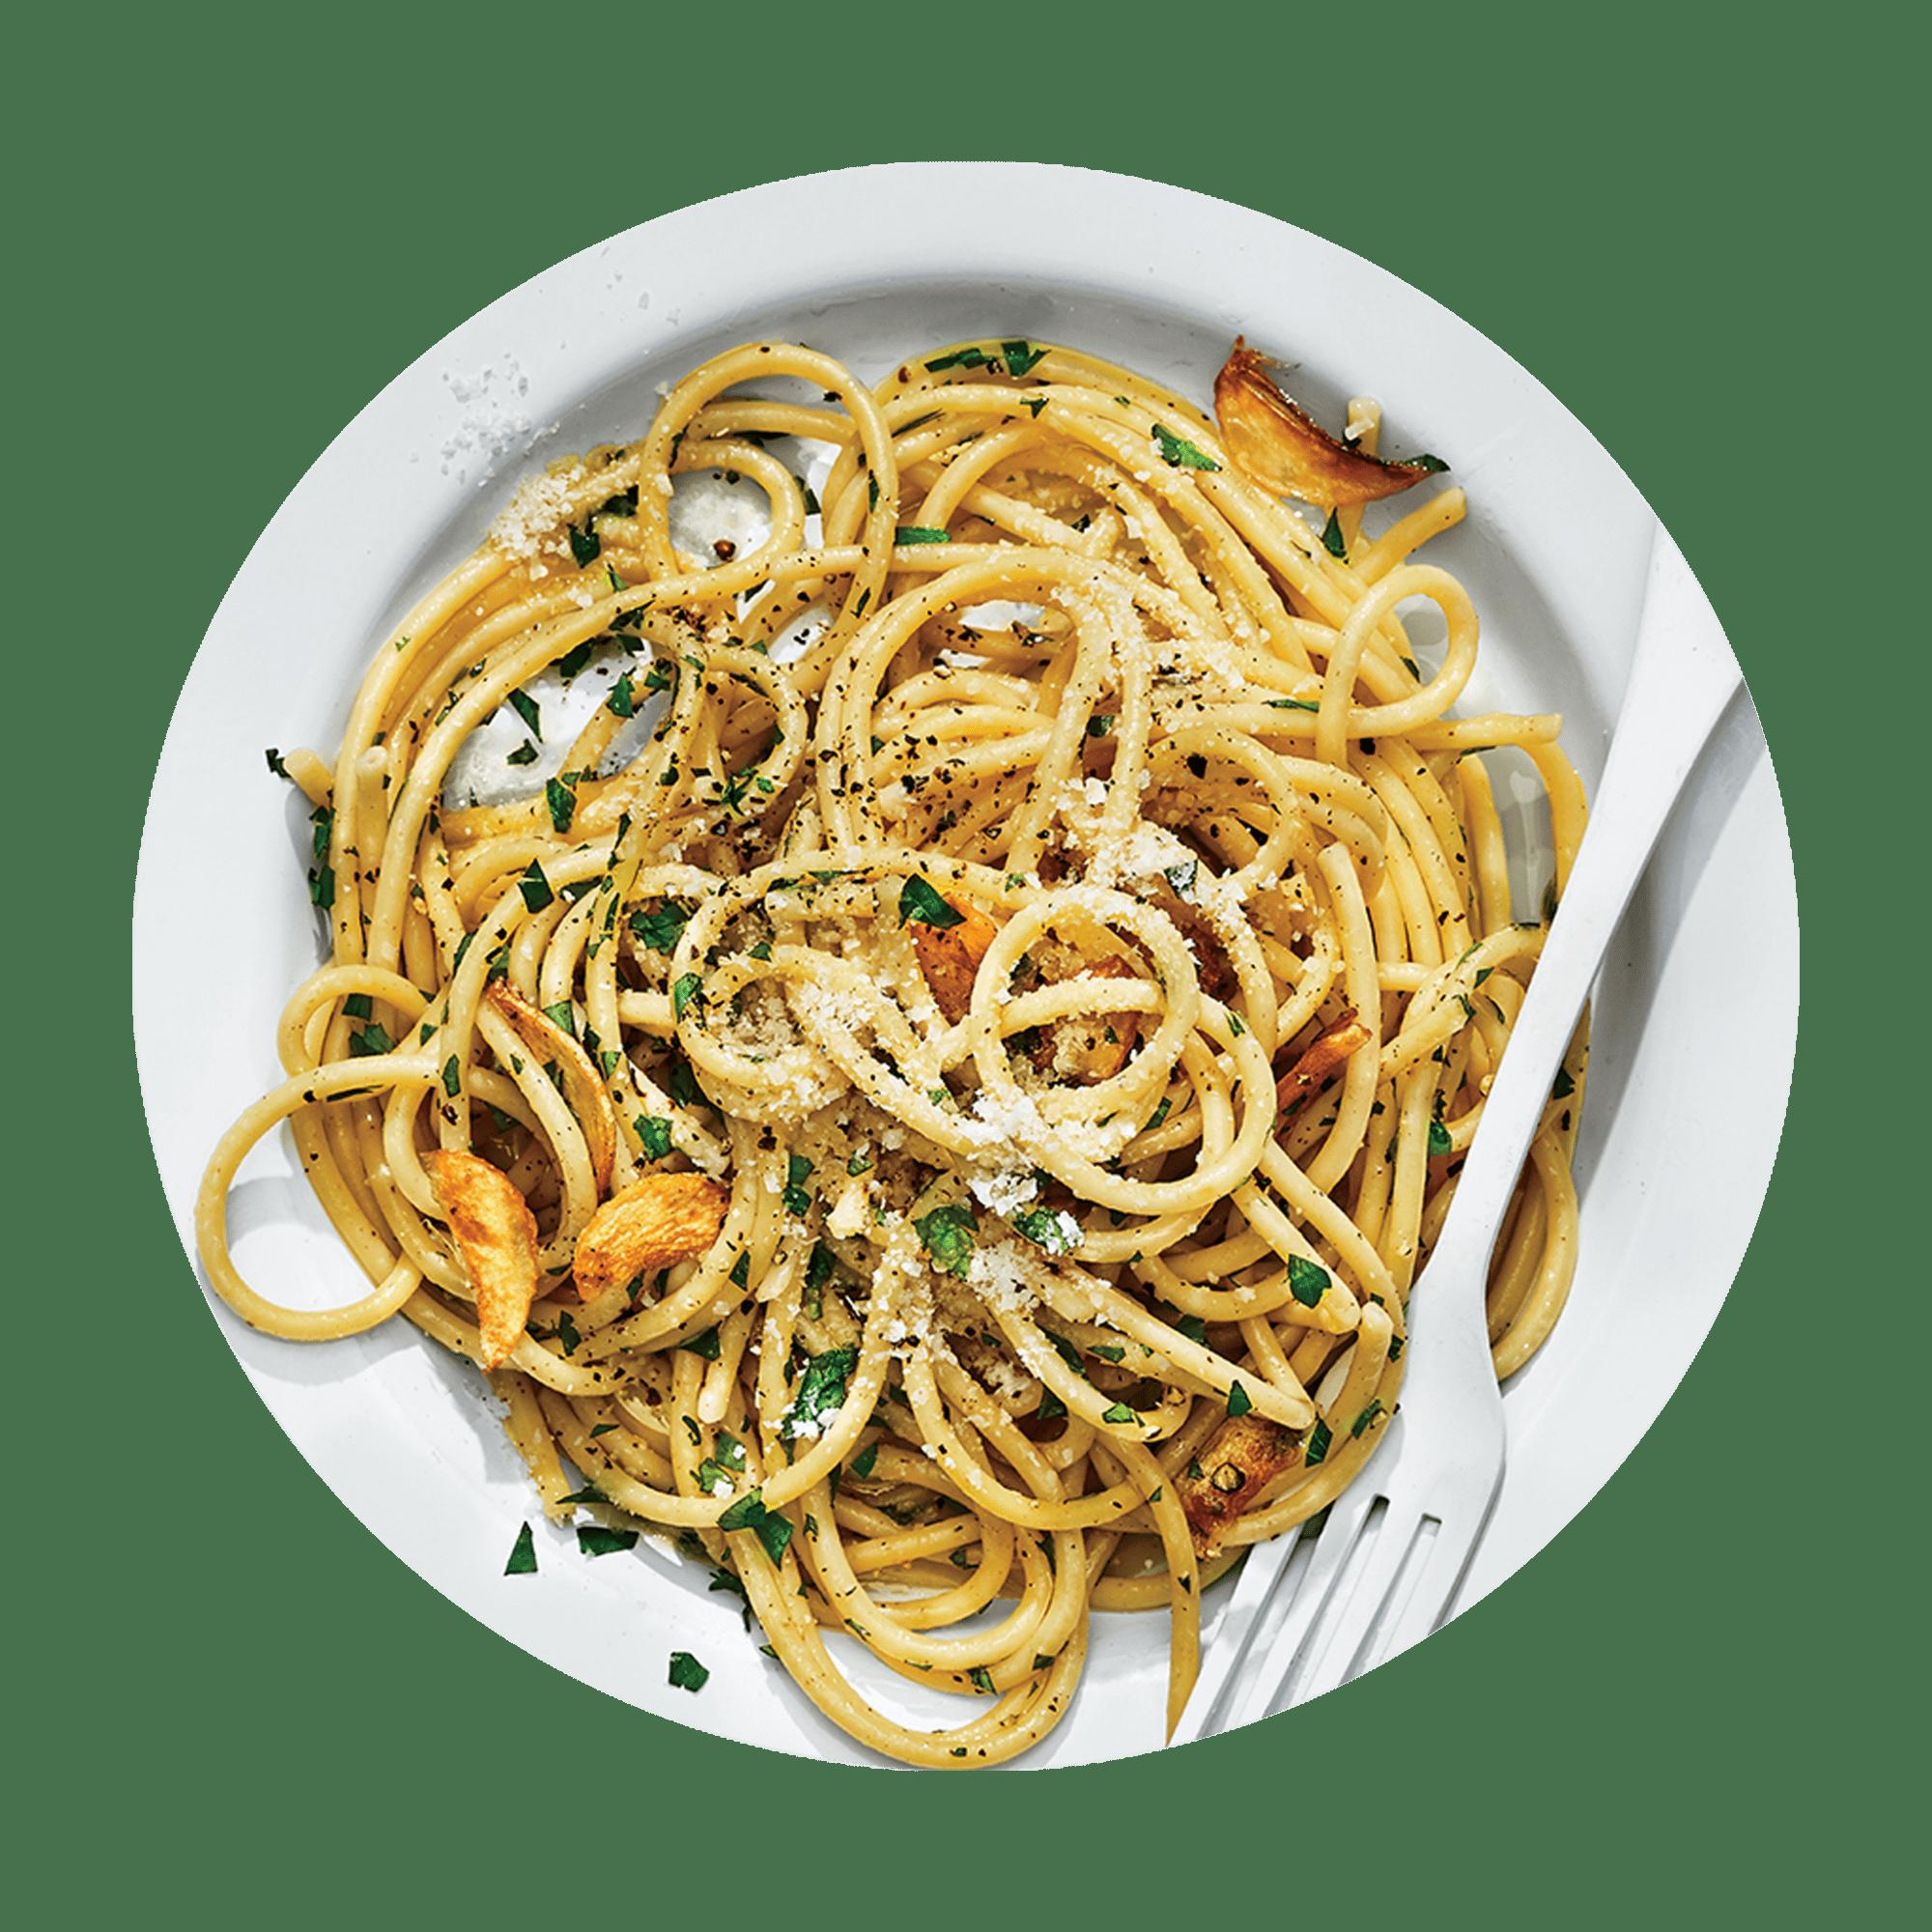 Italian Aglio Olio Spaghetti with Honey-Lime Chicken Breast